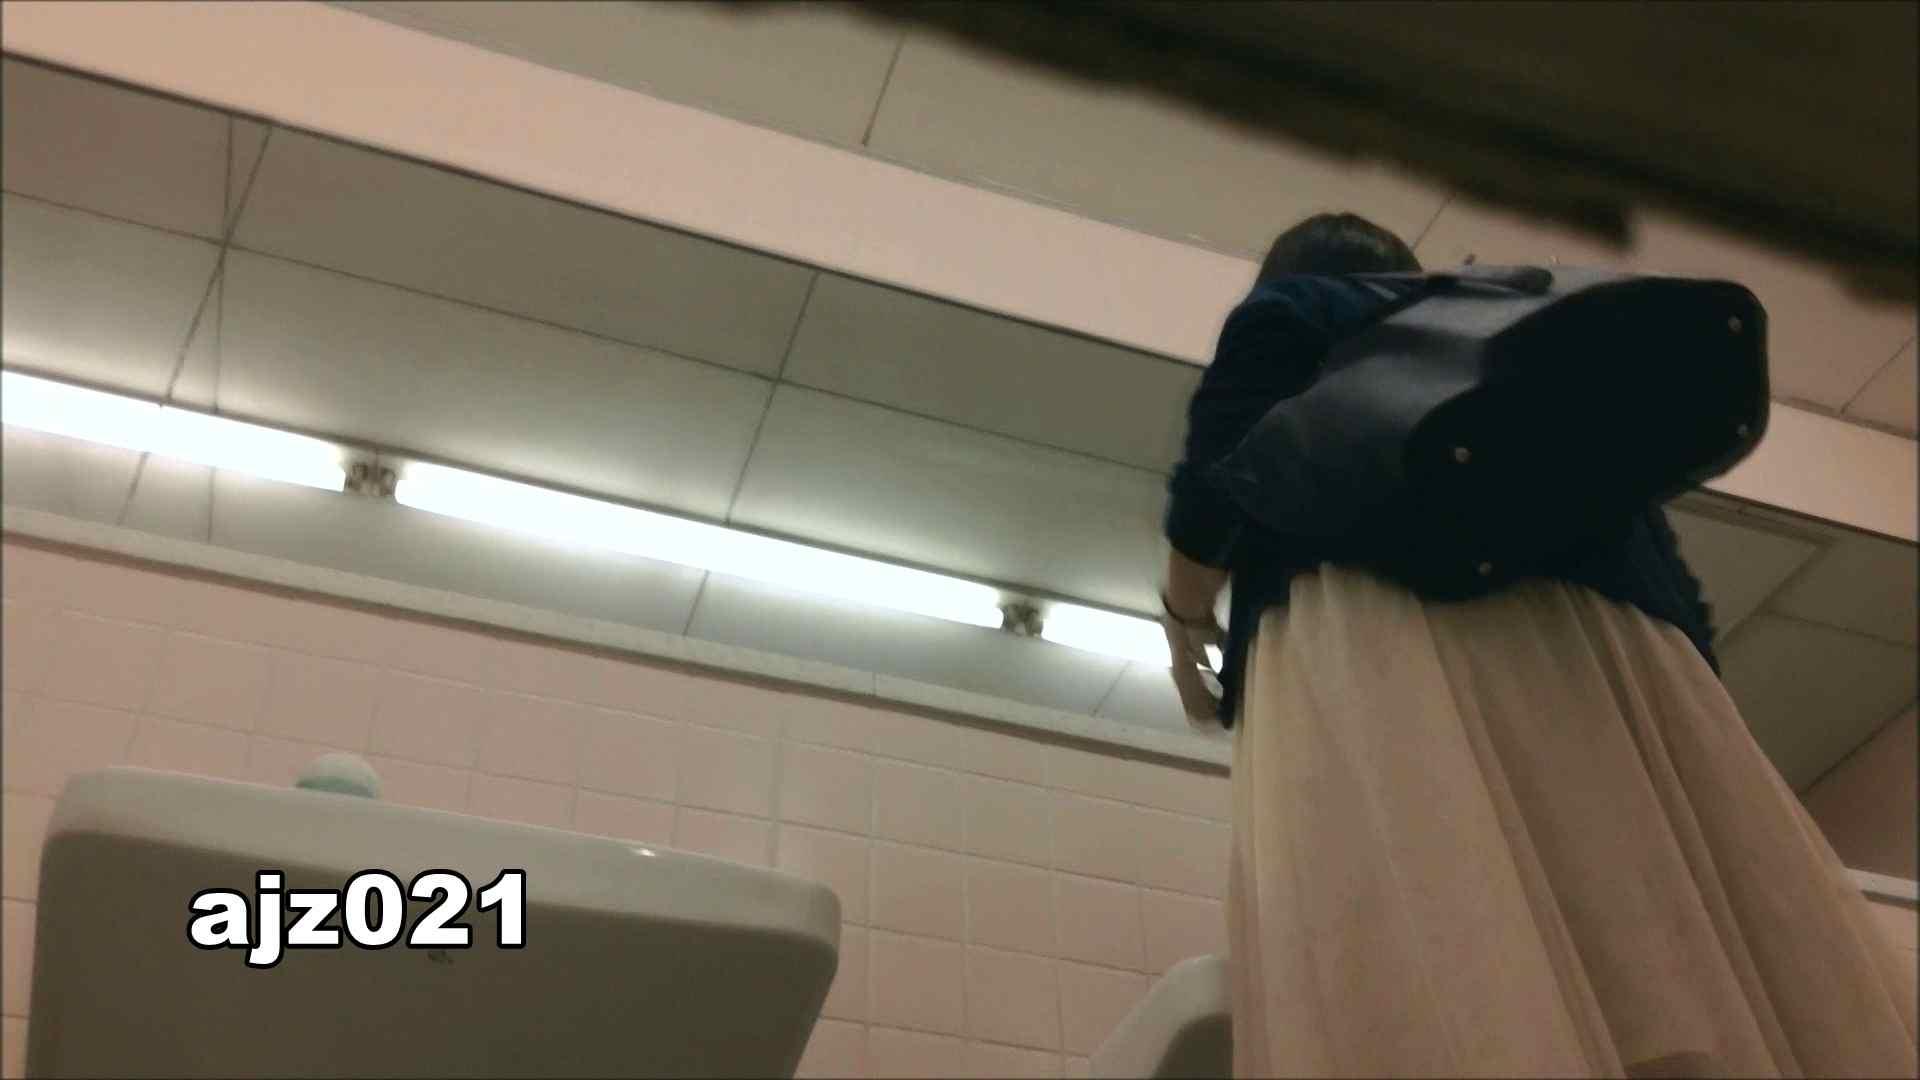 某有名大学女性洗面所 vol.21 和式トイレ すけべAV動画紹介 91pic 23